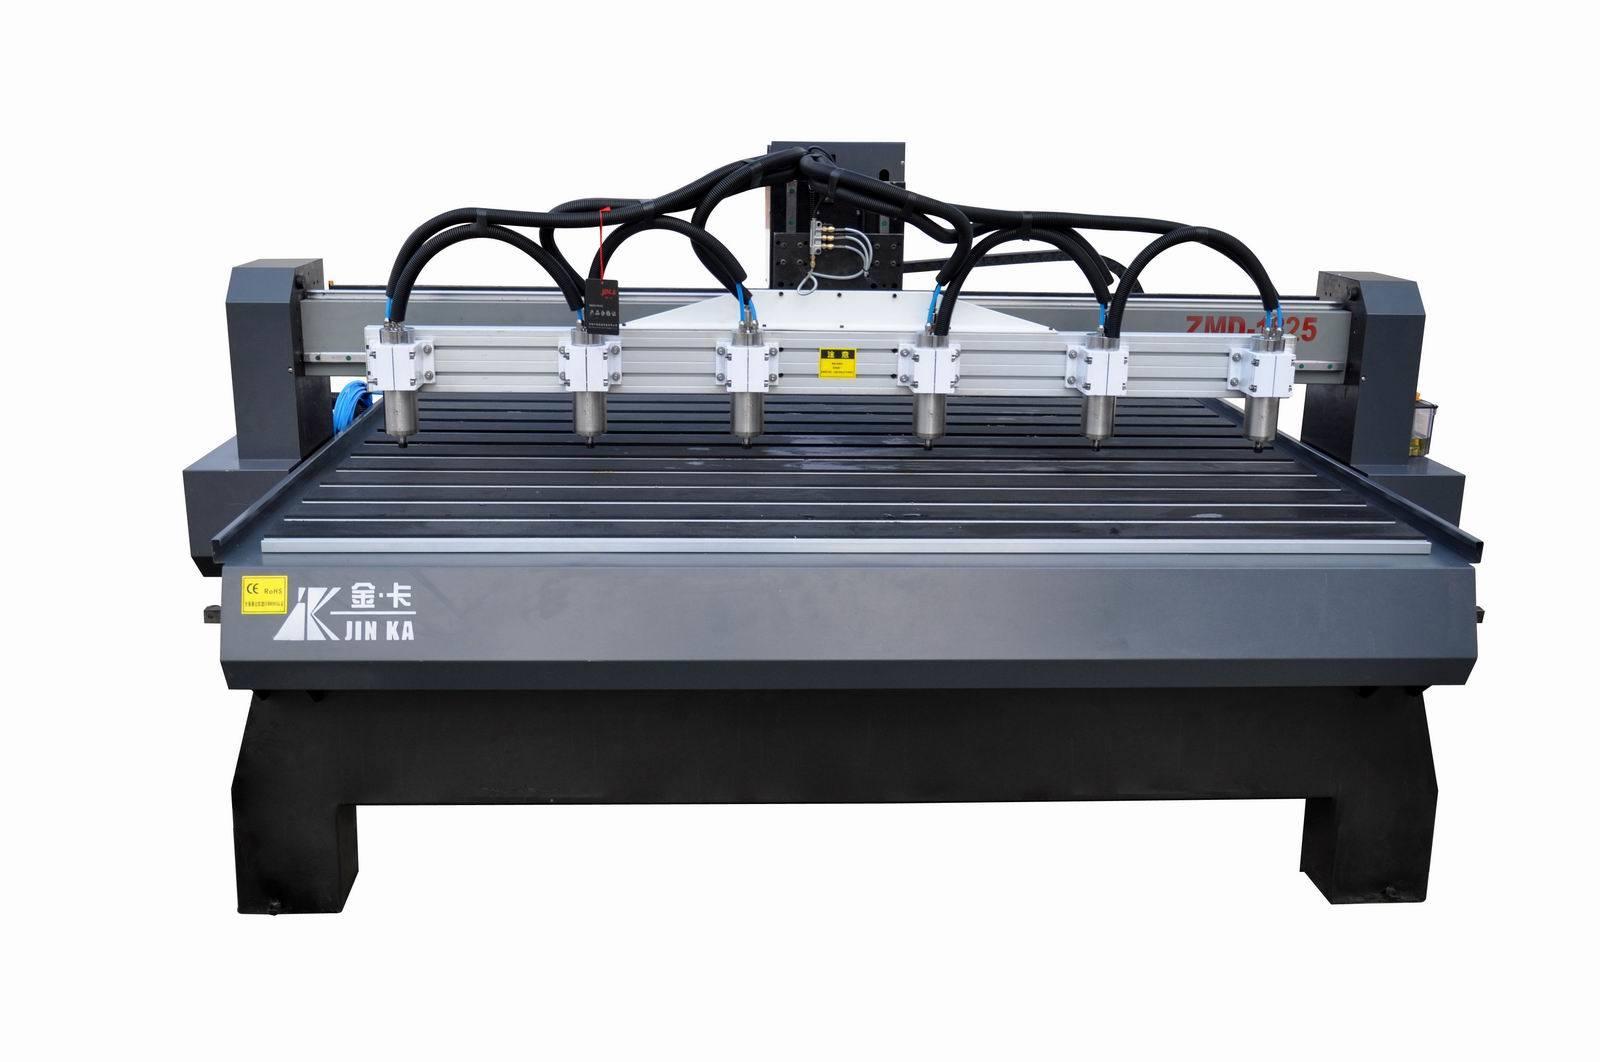 Woodworking Engraver Machine (ZMD1825)